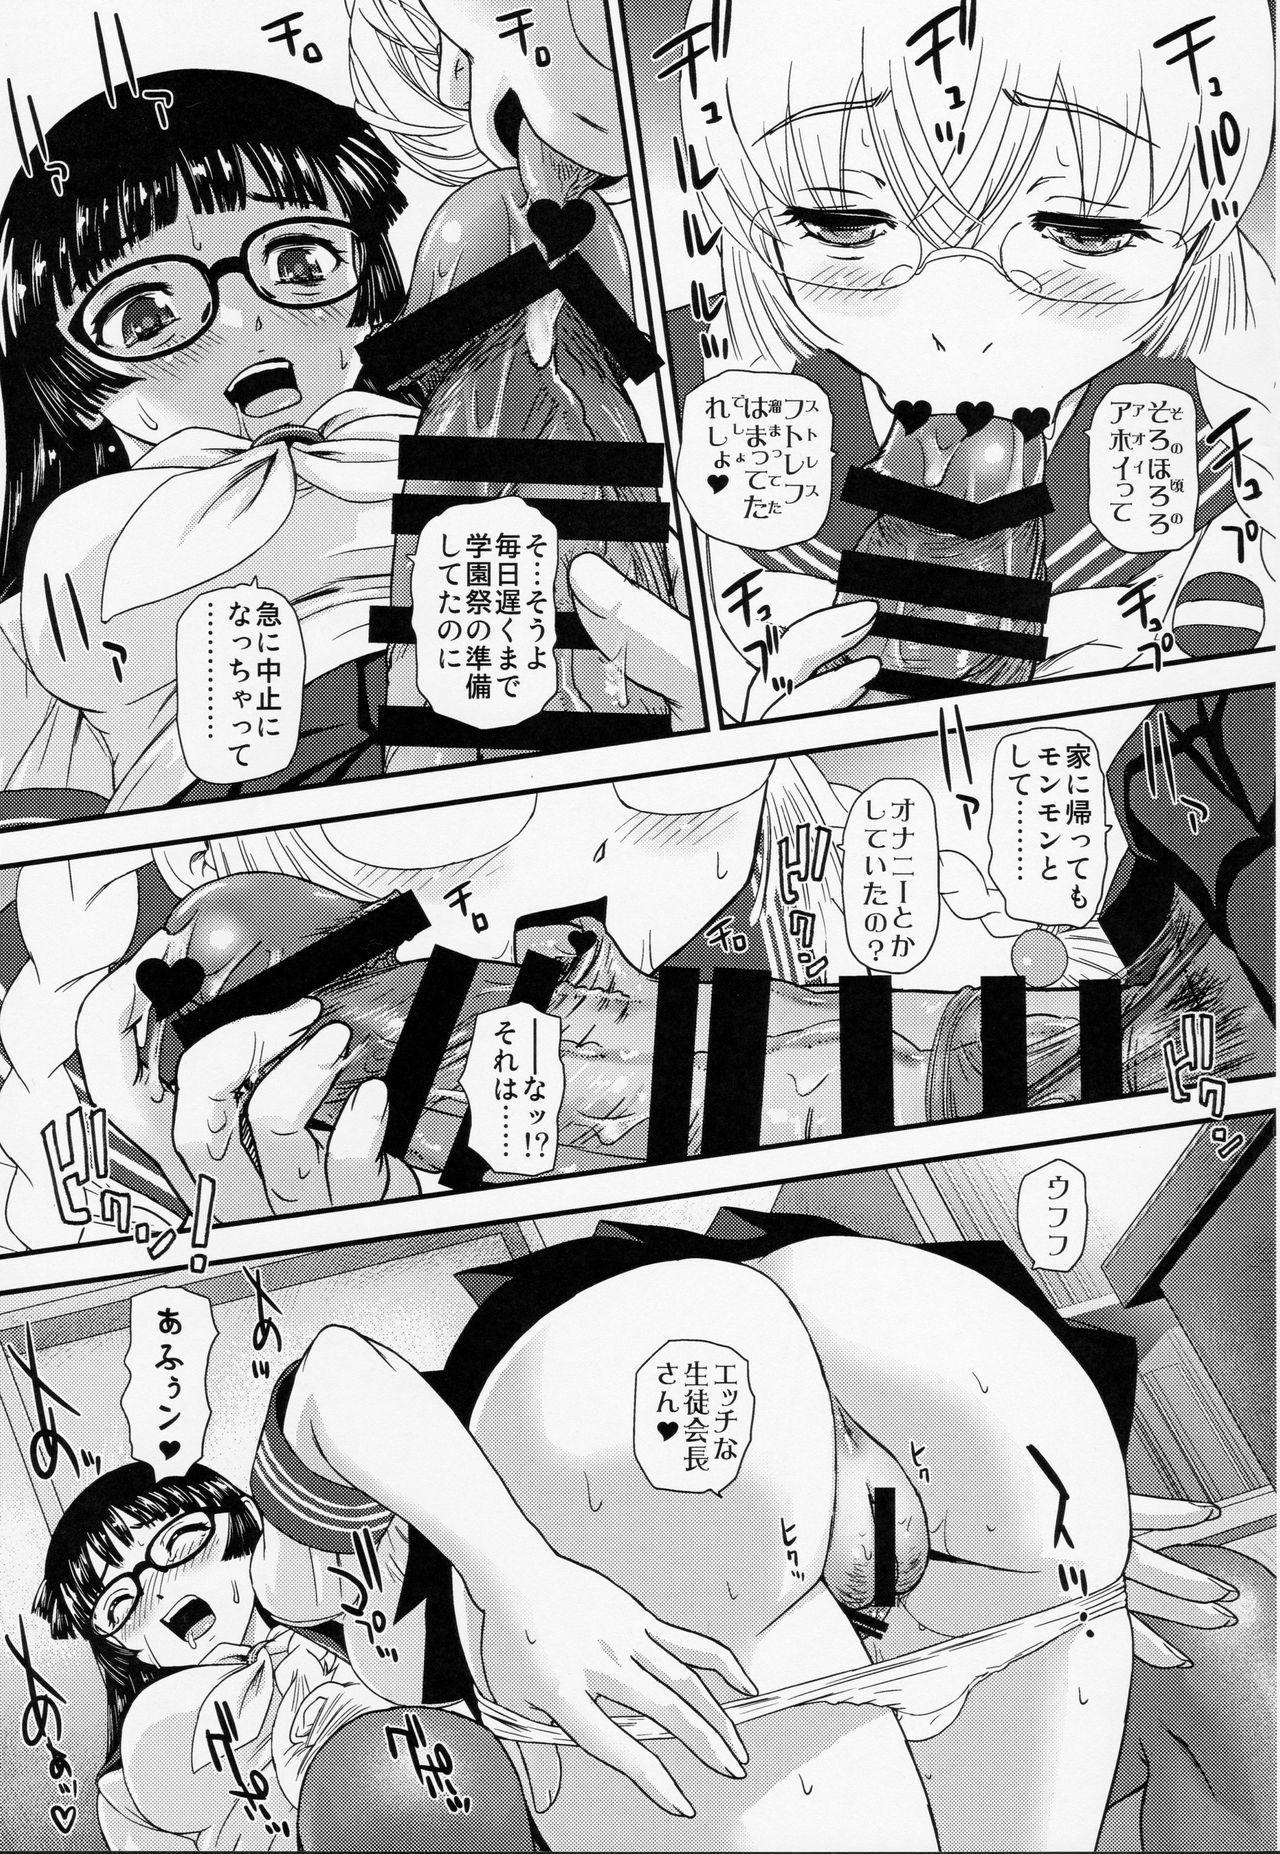 Futanari nanode Gakkou Seikatsu ga Fuan desu 7